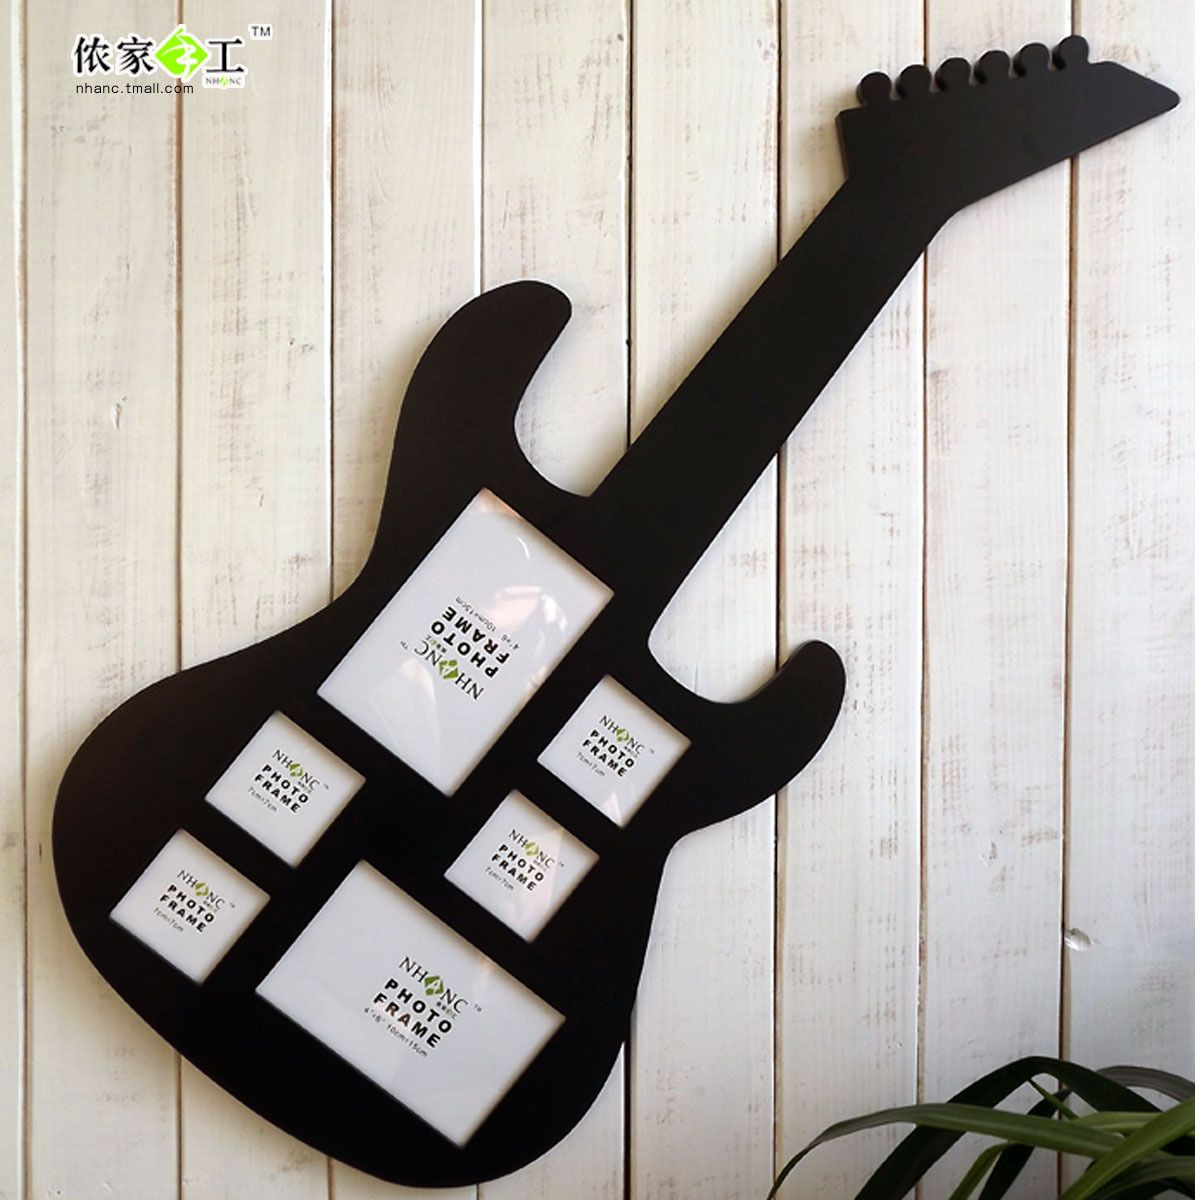 Marco de fotos madera con forma de guitarra | Cool stuff | Pinterest ...